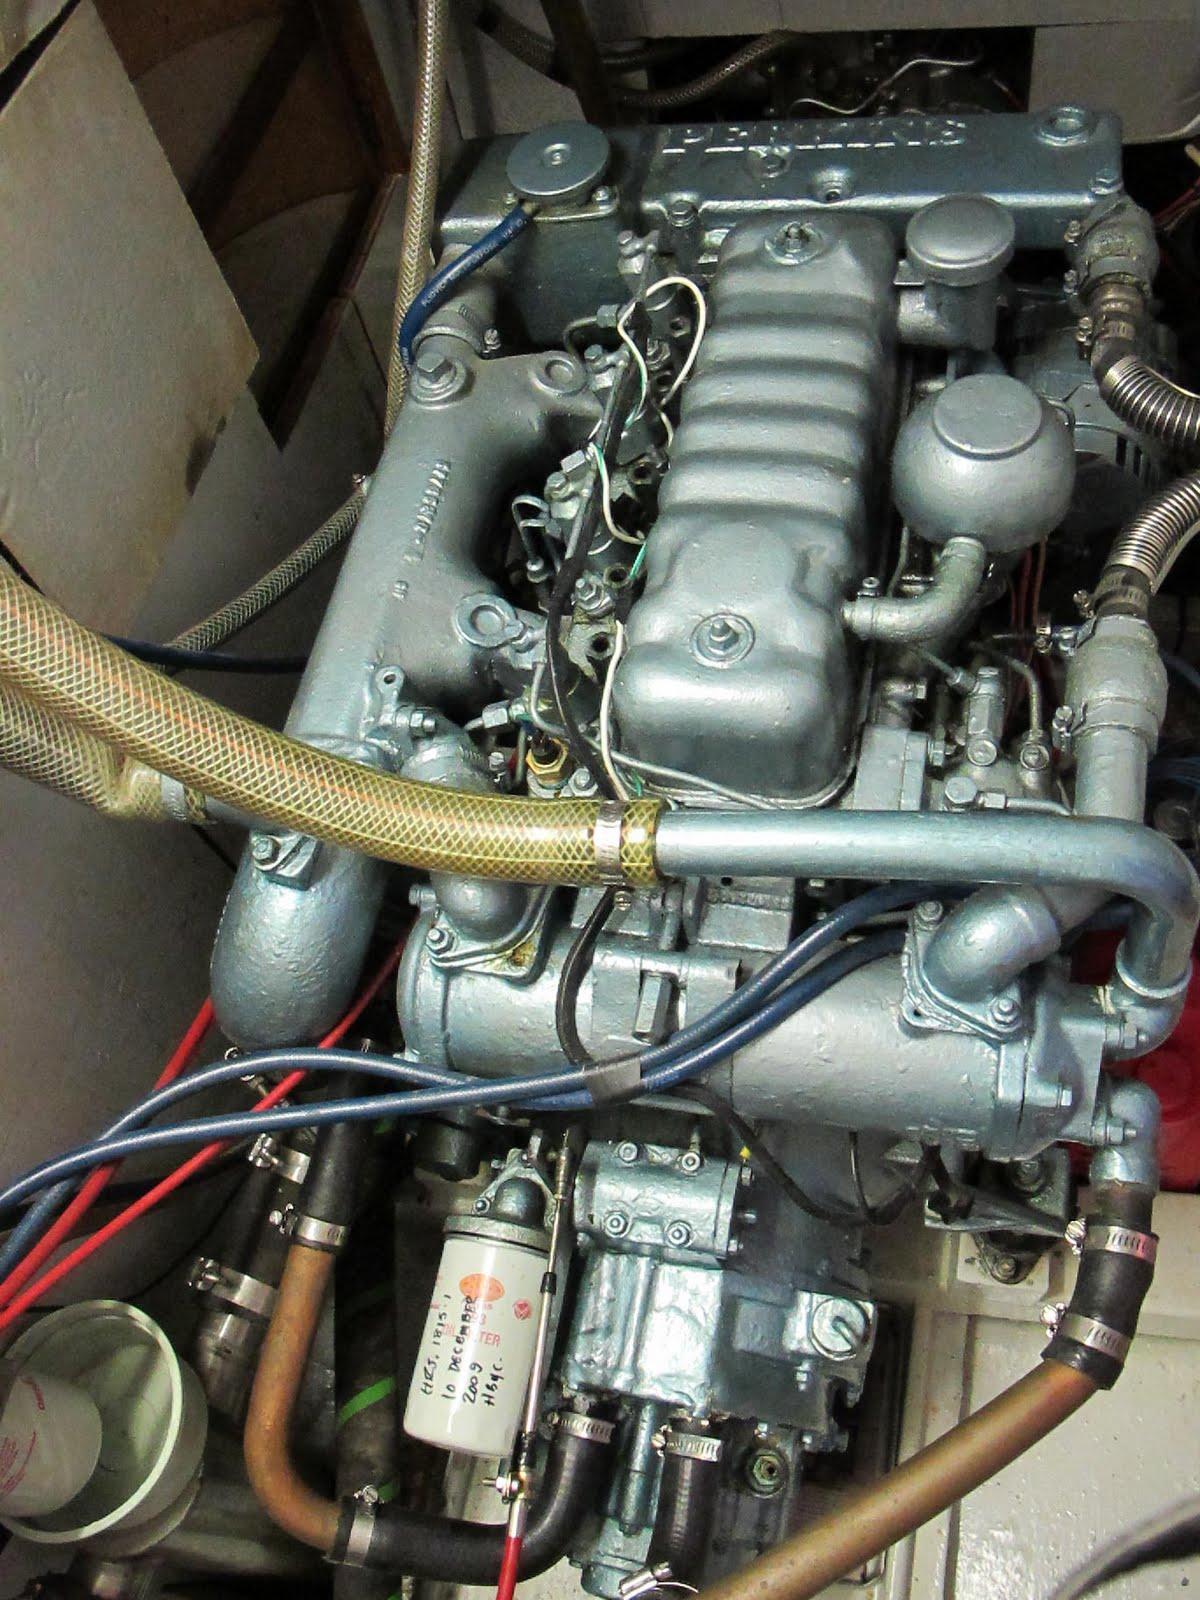 Perkins 4108 Lowline Alternator Ac Wire Diagrams F250 & Perkins Dodge Service Department.Perkins 4108 Lowline Alternator Ac ...